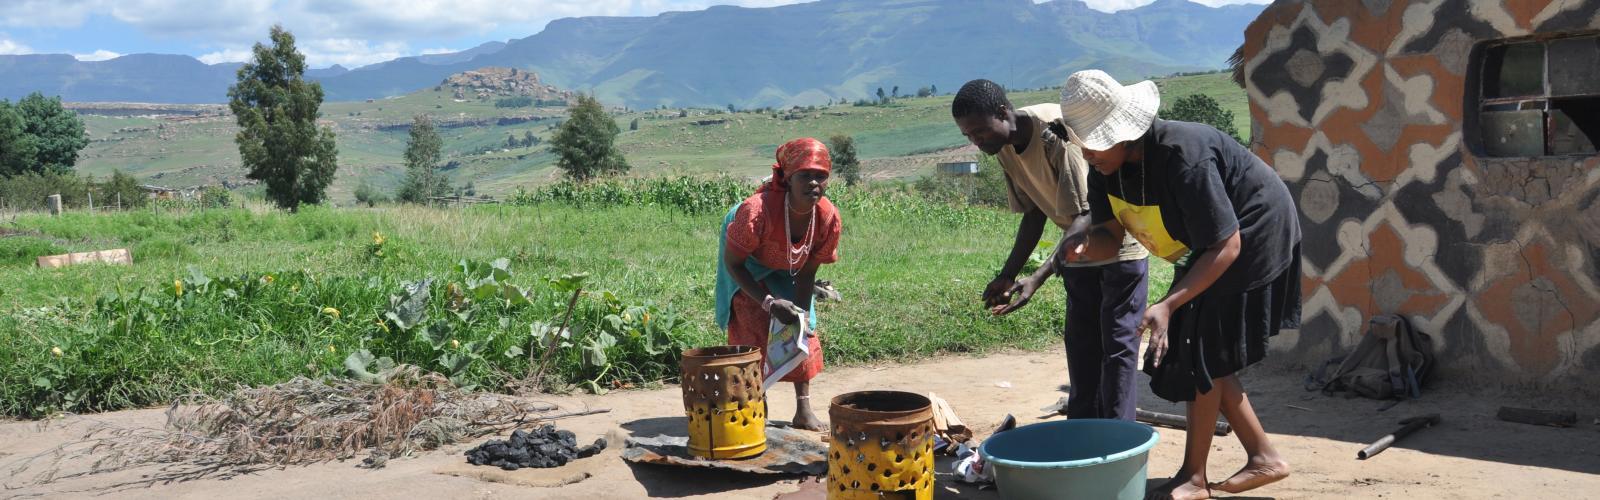 Basa Magogo koken in Zuid Afrika